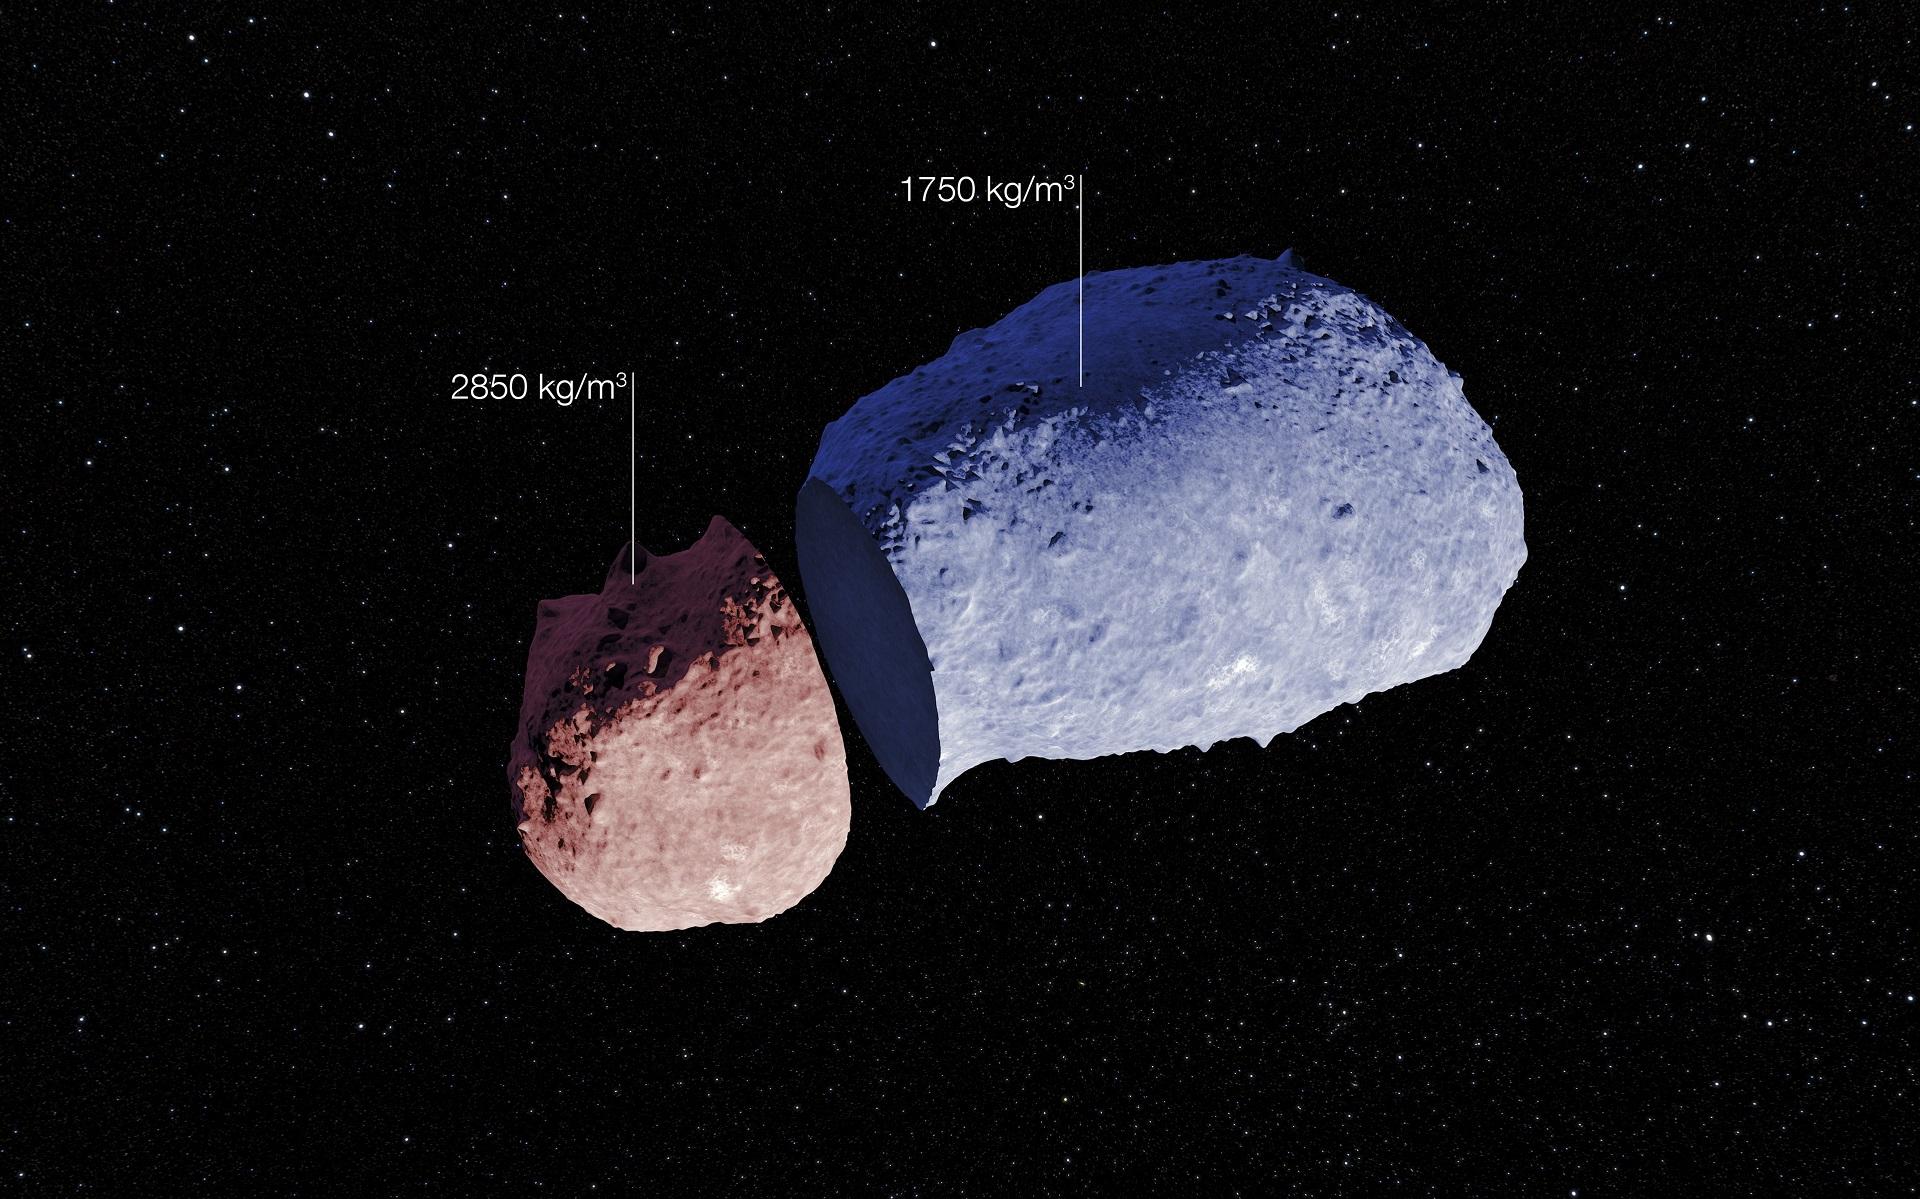 Wetenschappers ontdekken voor het eerst water en organisch materiaal op asteroïde - Business AM - NL